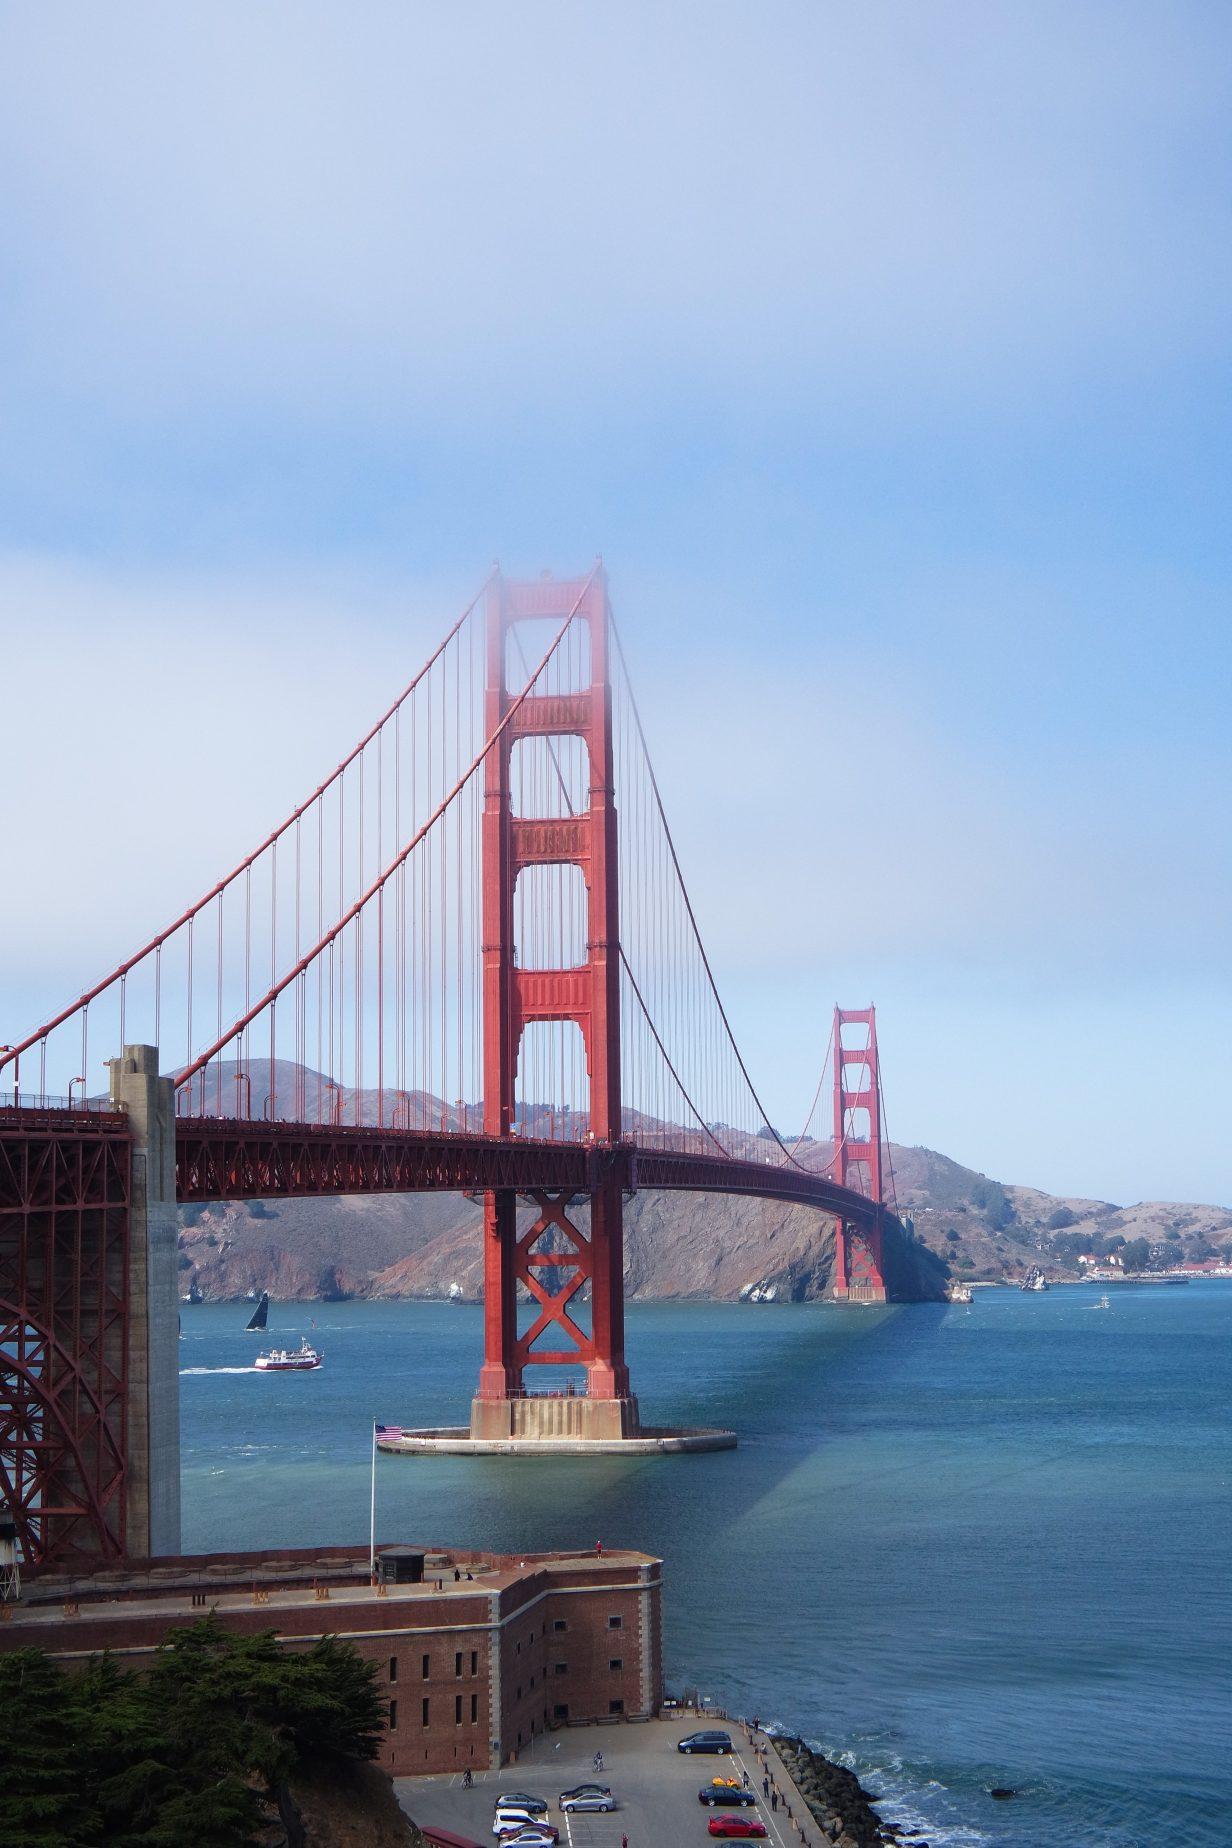 ponte golden gate san francisco imersão no vale do silício com a startse 1232x1848 - Como é uma imersão no Vale do Silício com a StartSe: negócios, networking e inovação